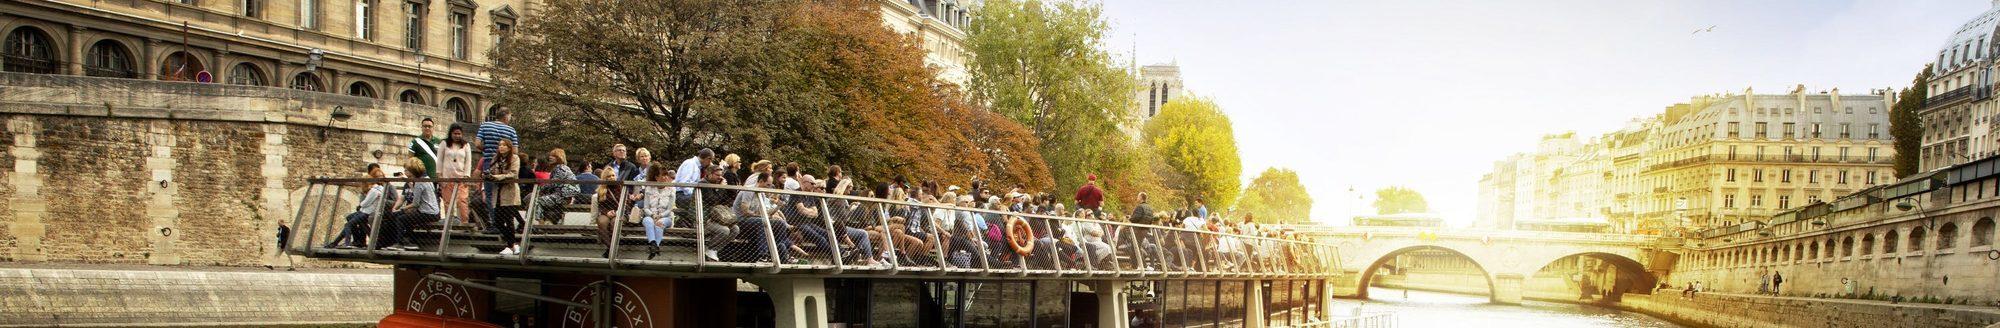 Bateaux Parisiens Cruise Tour